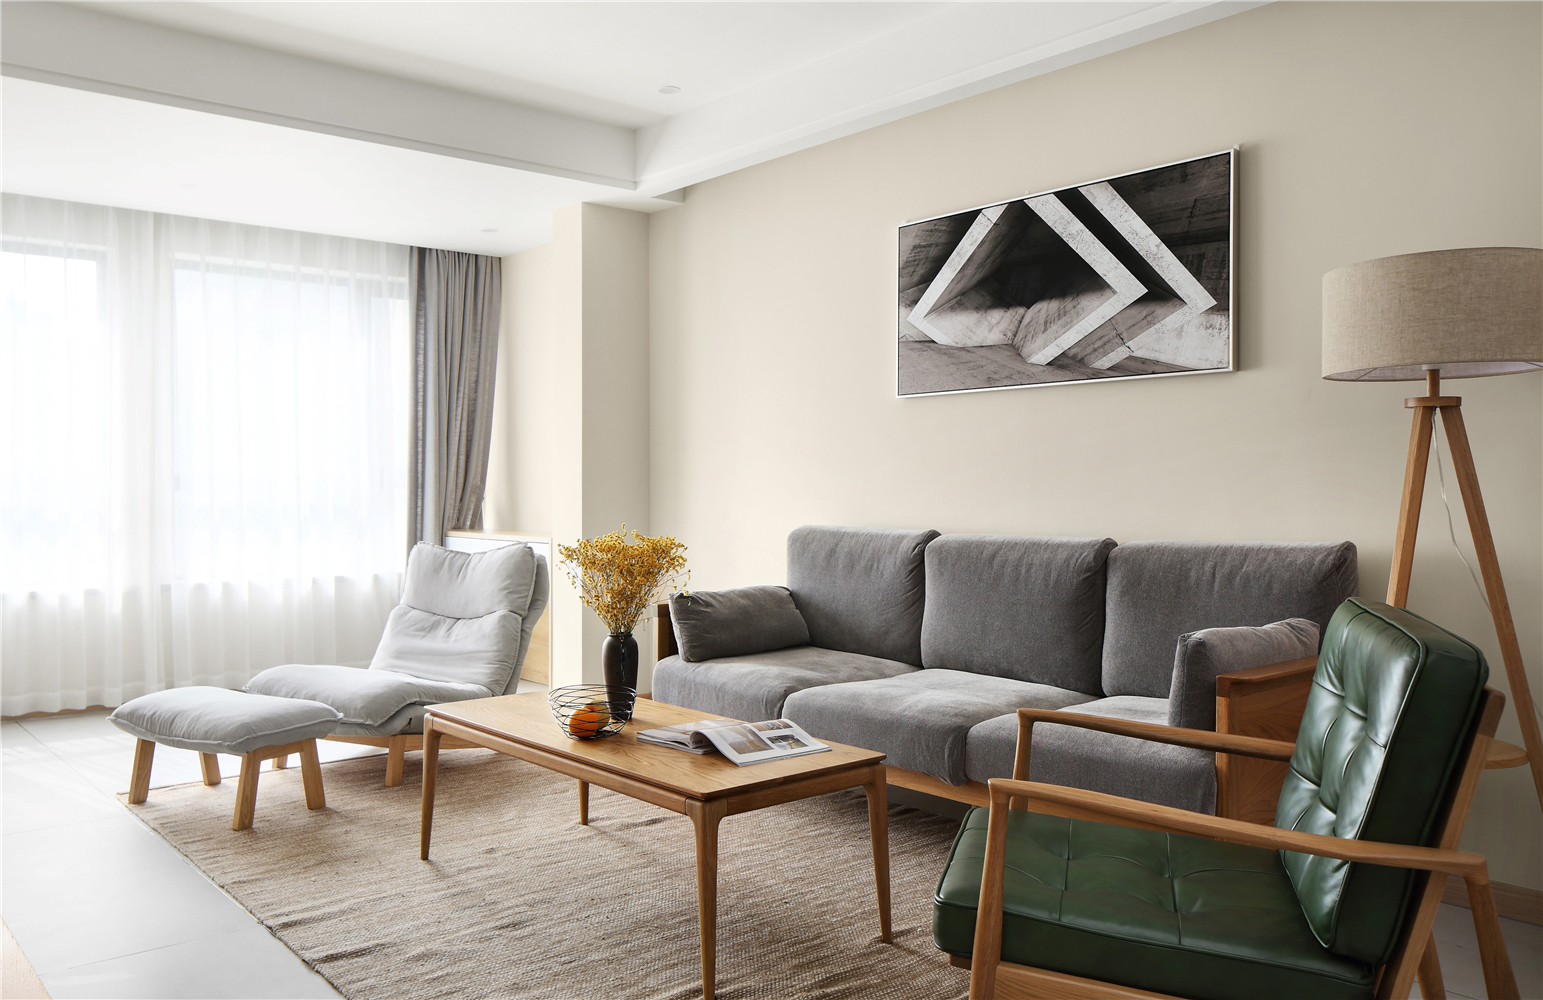 140m²日式风格客厅沙发墙装修效果图